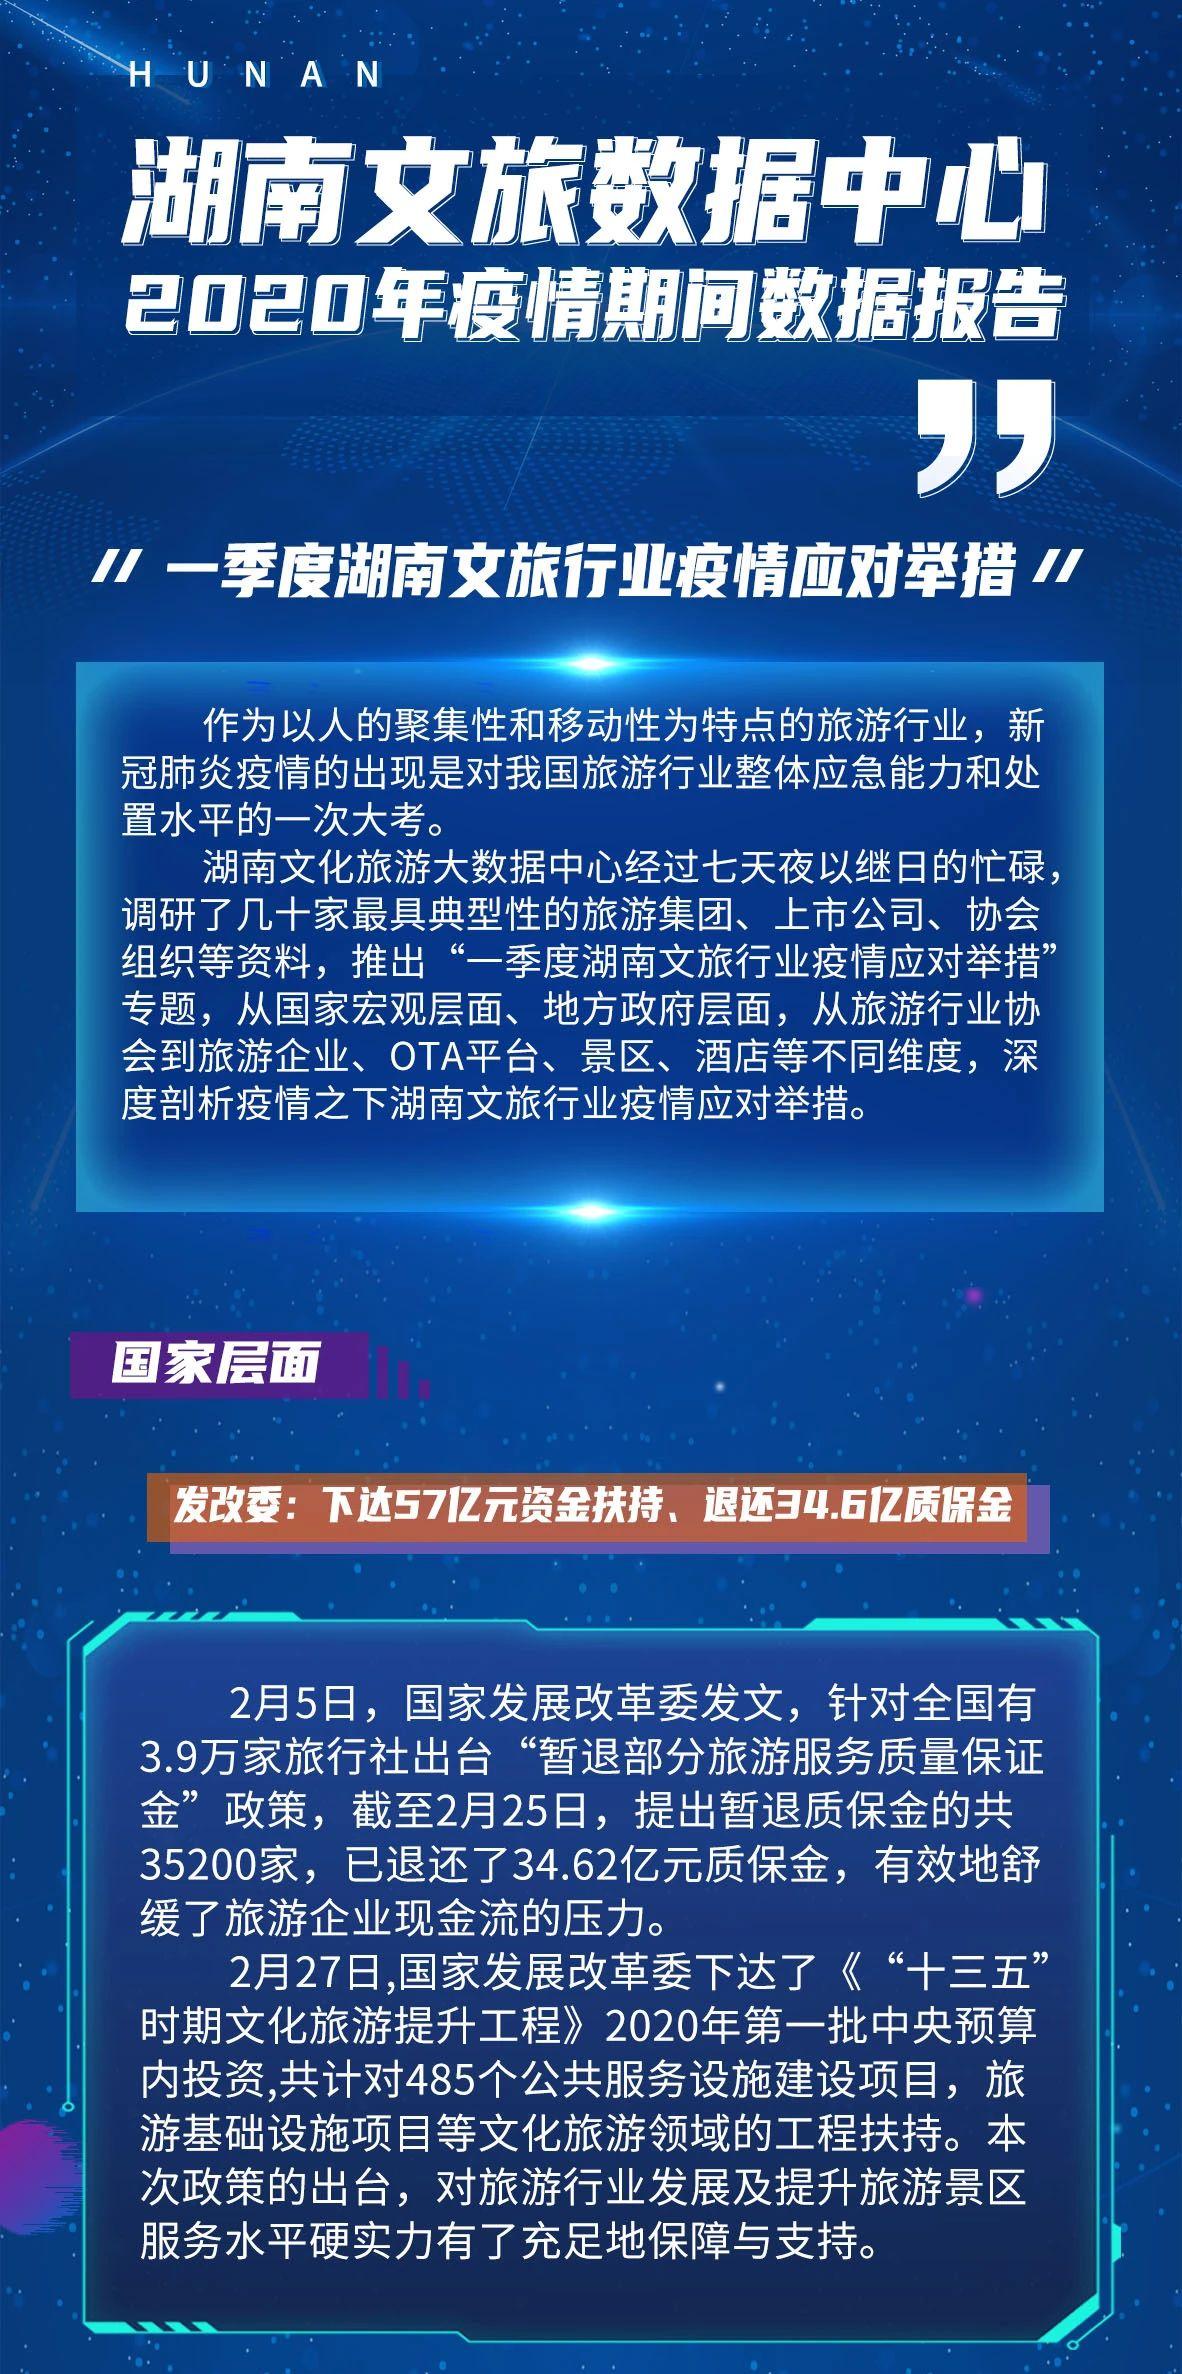 湖南文旅数据中心丨2020年疫情期间数据报告